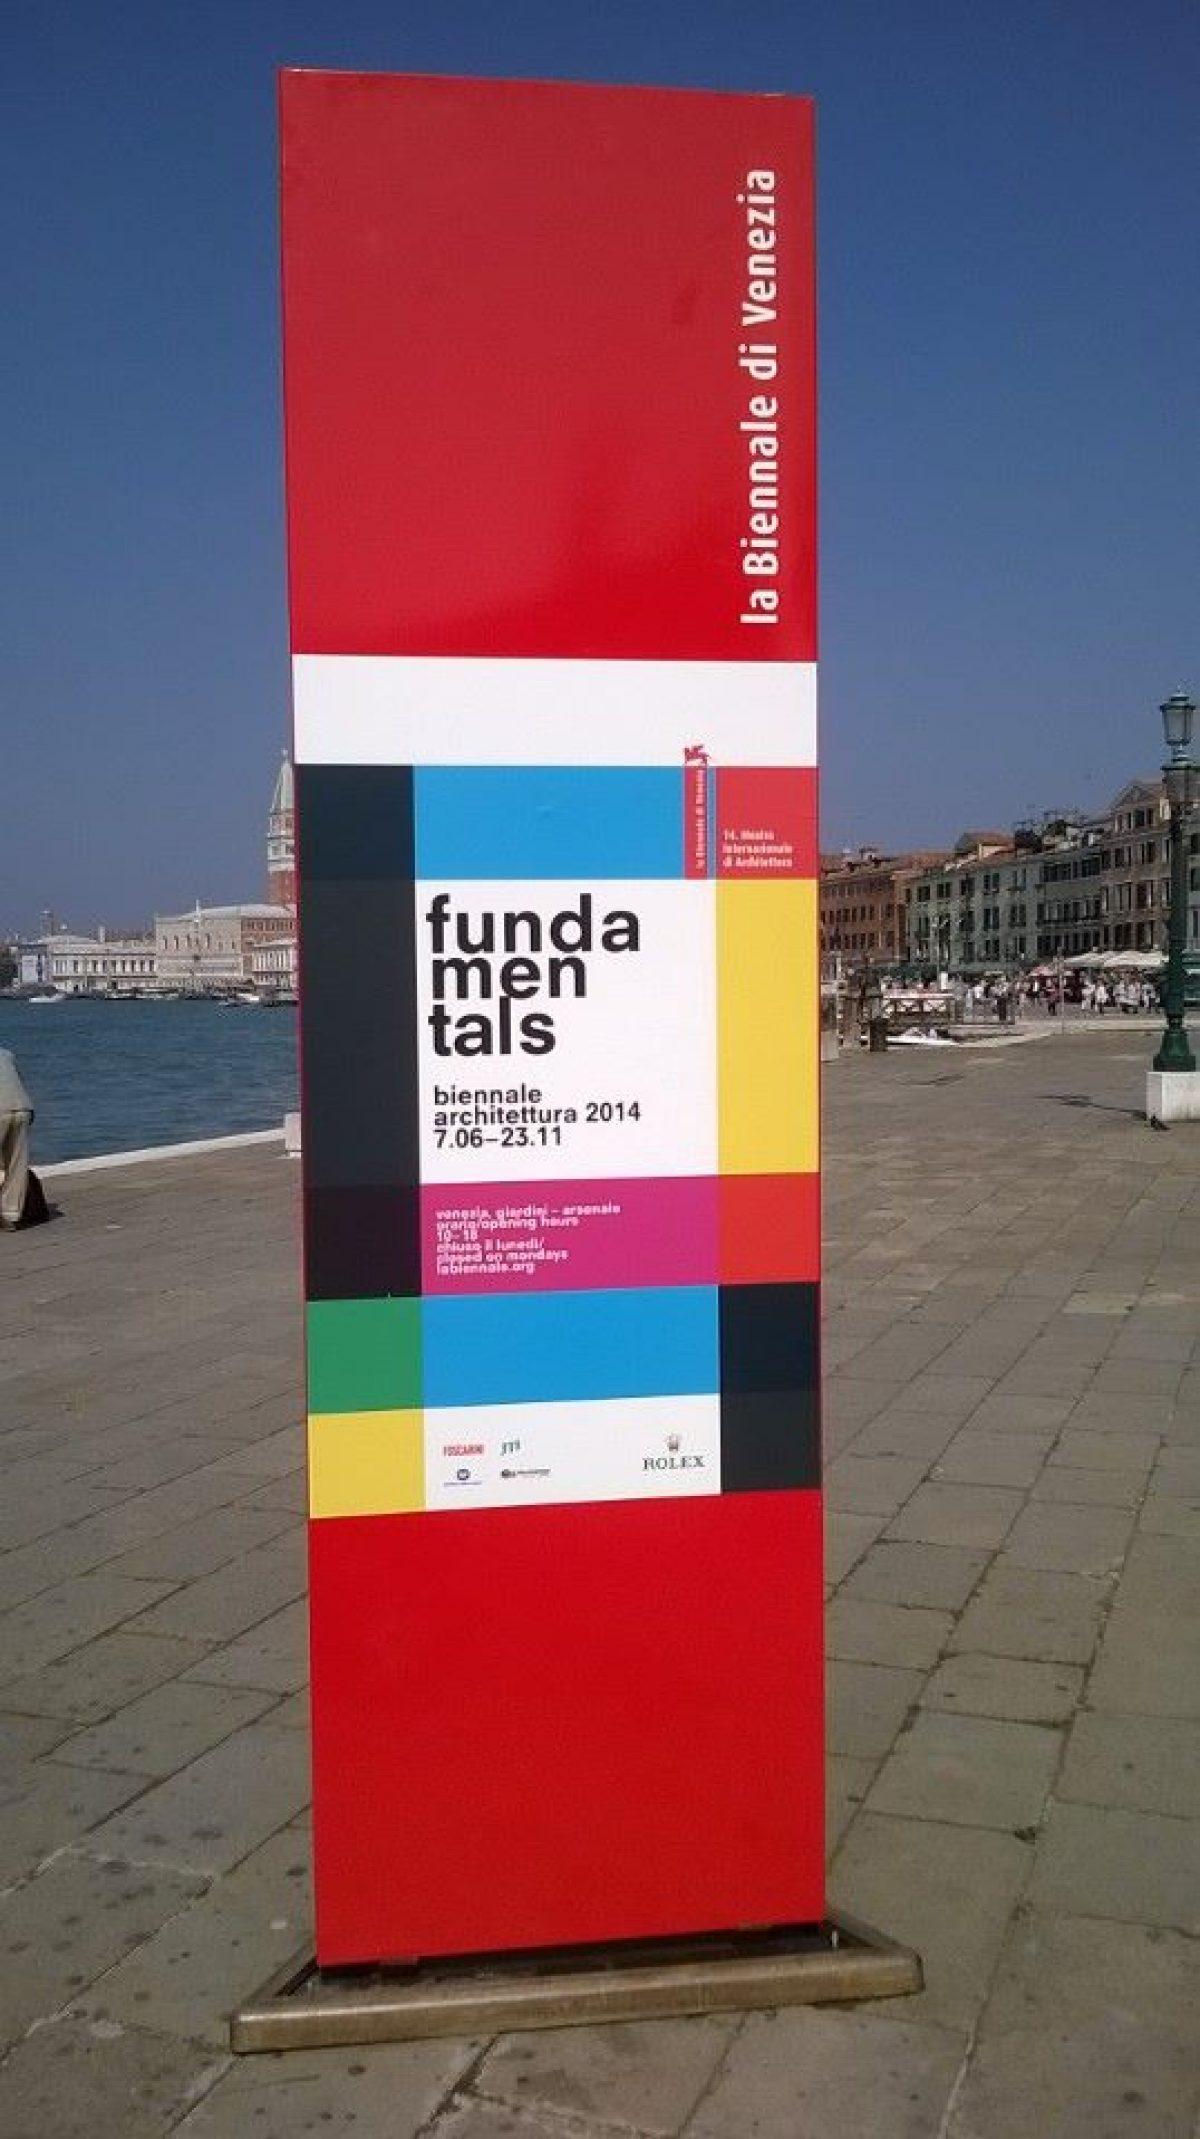 Επίσημο πρόγραμμά εκδρομής ΣΑΔΑΣ – ΠΕΑ Βενετία – Biennale Αρχιτεκτονικής 2014 (20-25 Νοε 2014)